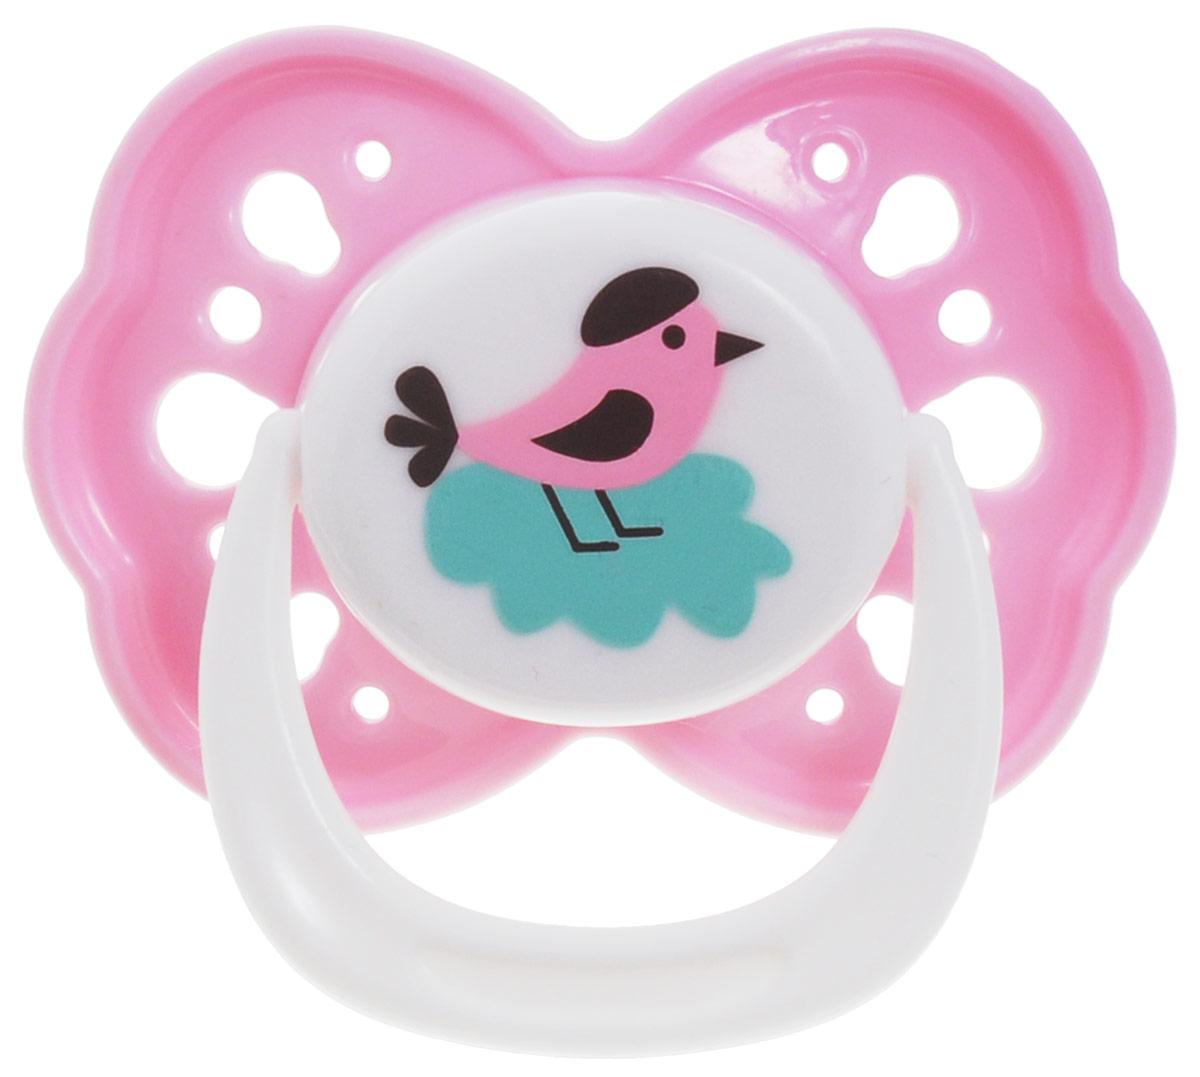 Lubby Пустышка силиконовая Любимая от 6 месяцев цвет розовый lubby набор для кормления классика ложка и вилка от 4 месяцев